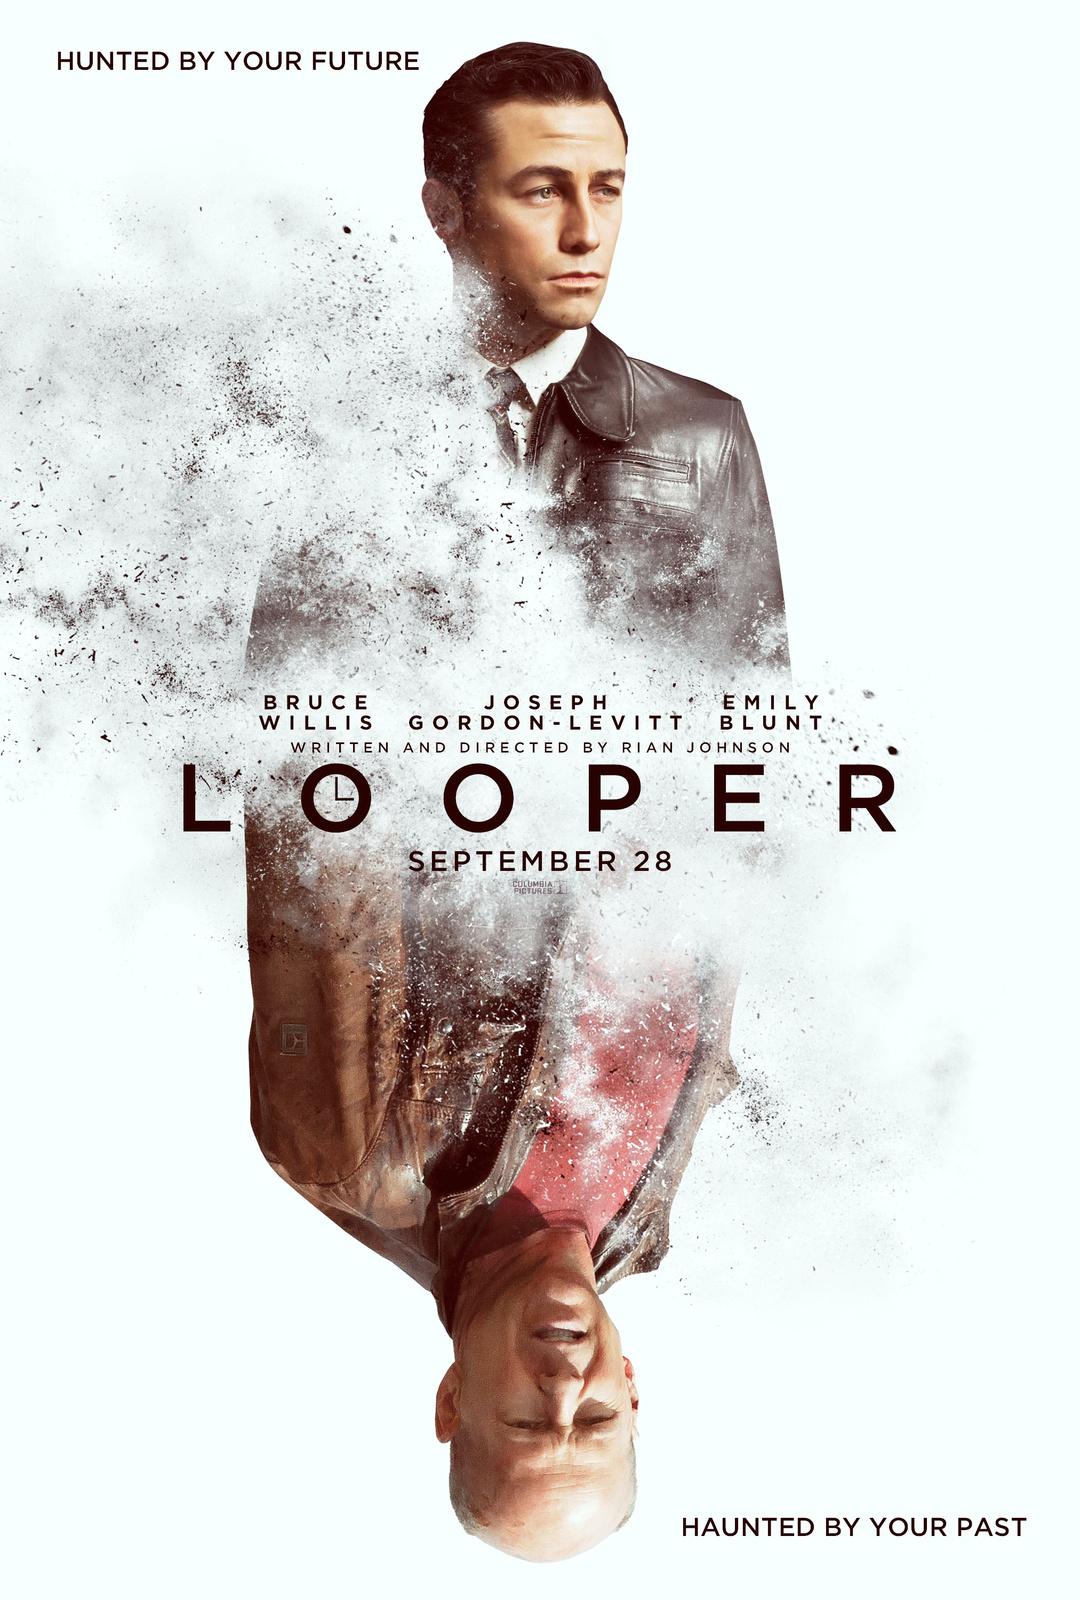 http://4.bp.blogspot.com/-AhfDOAAIp-I/T4CF2vNHAYI/AAAAAAAALDQ/DjocZ8_1X50/s1600/looper.jpg